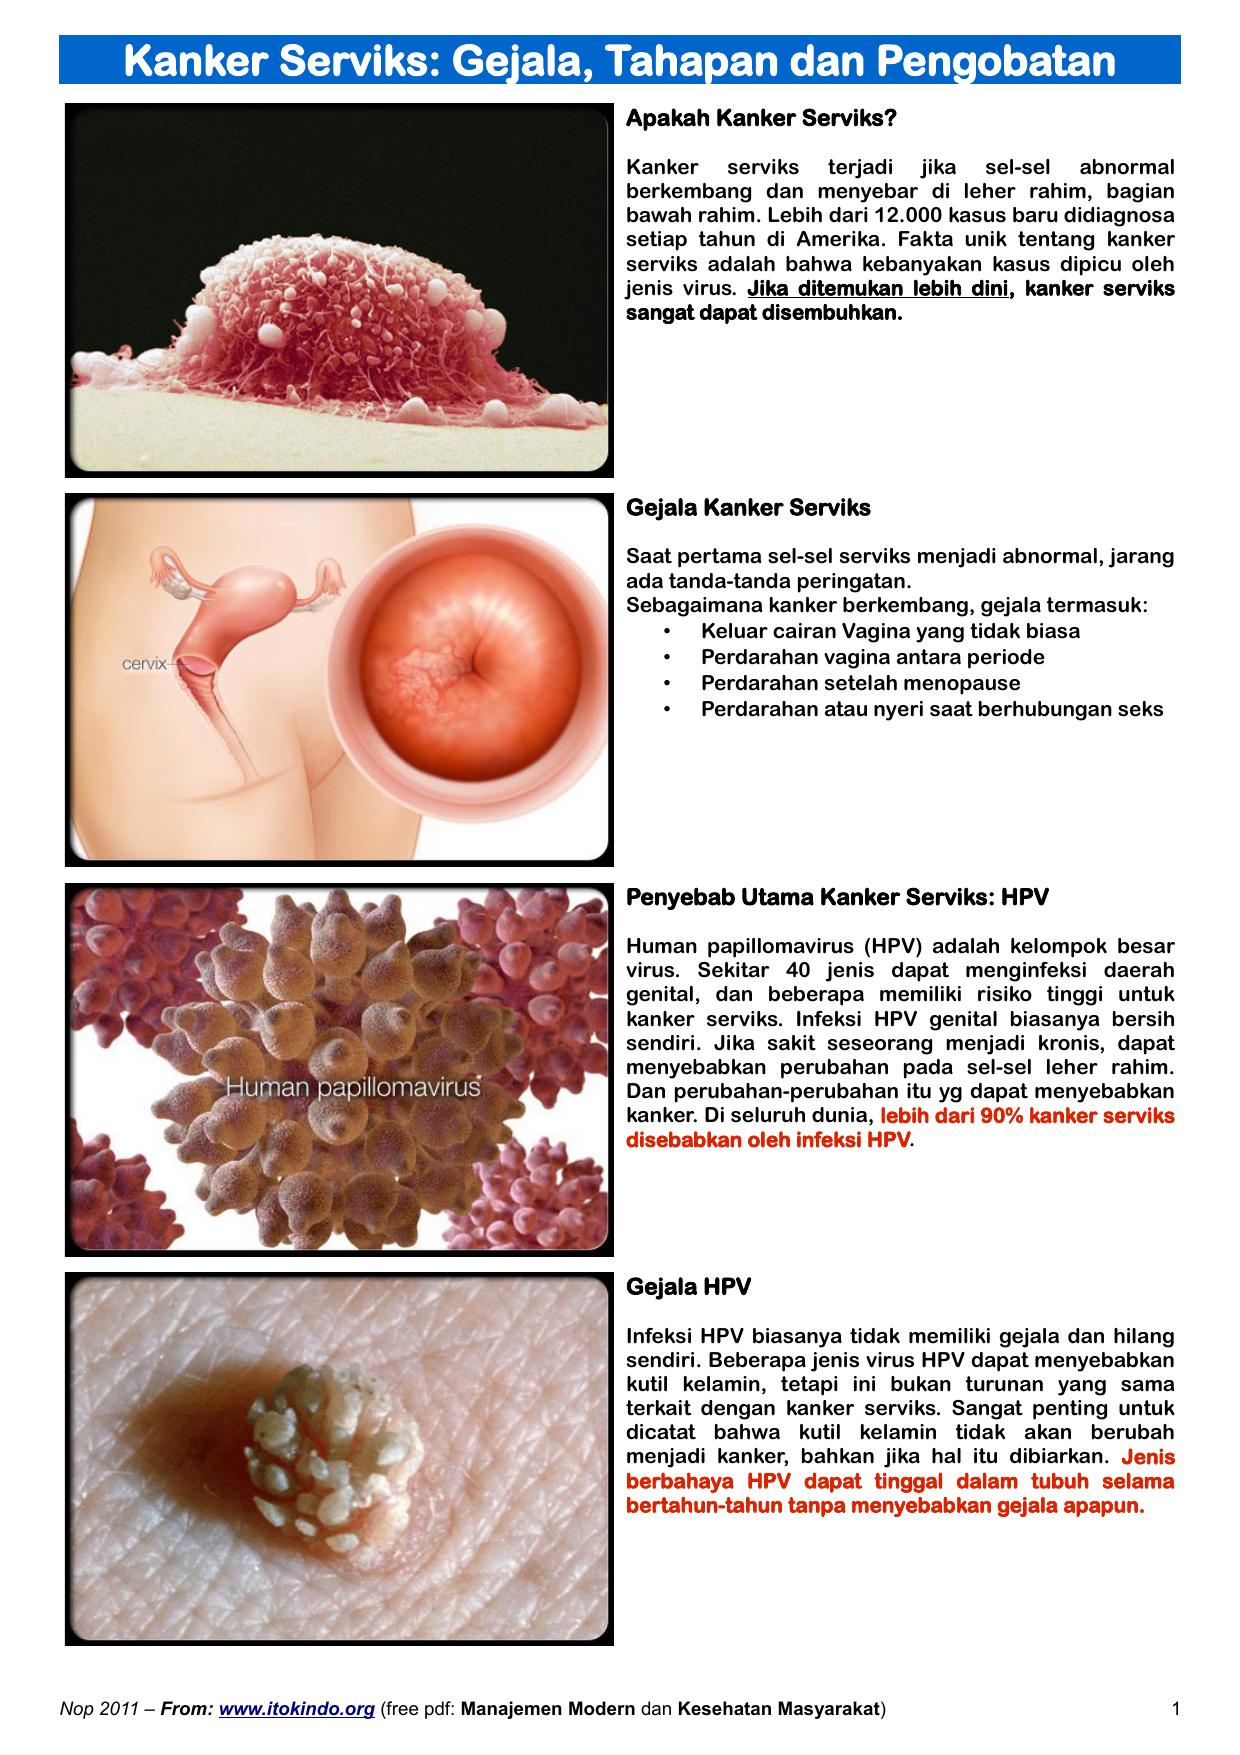 human papillomavirus type 51 hpv virus ferfiaknal tunetek